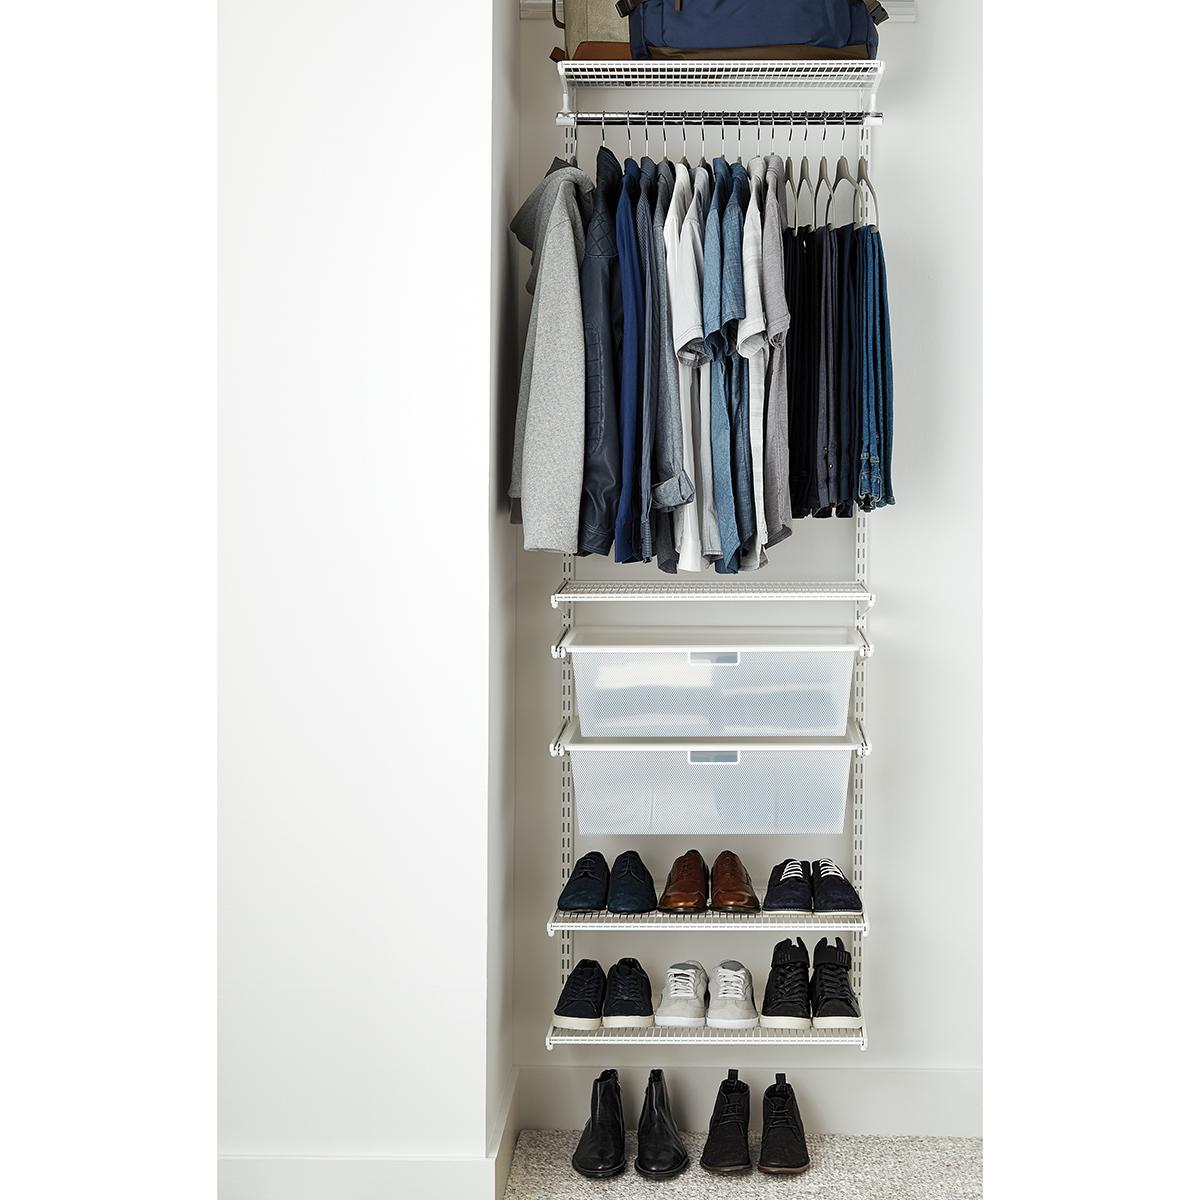 Elfa Classic 2 White Small Reach In Closet